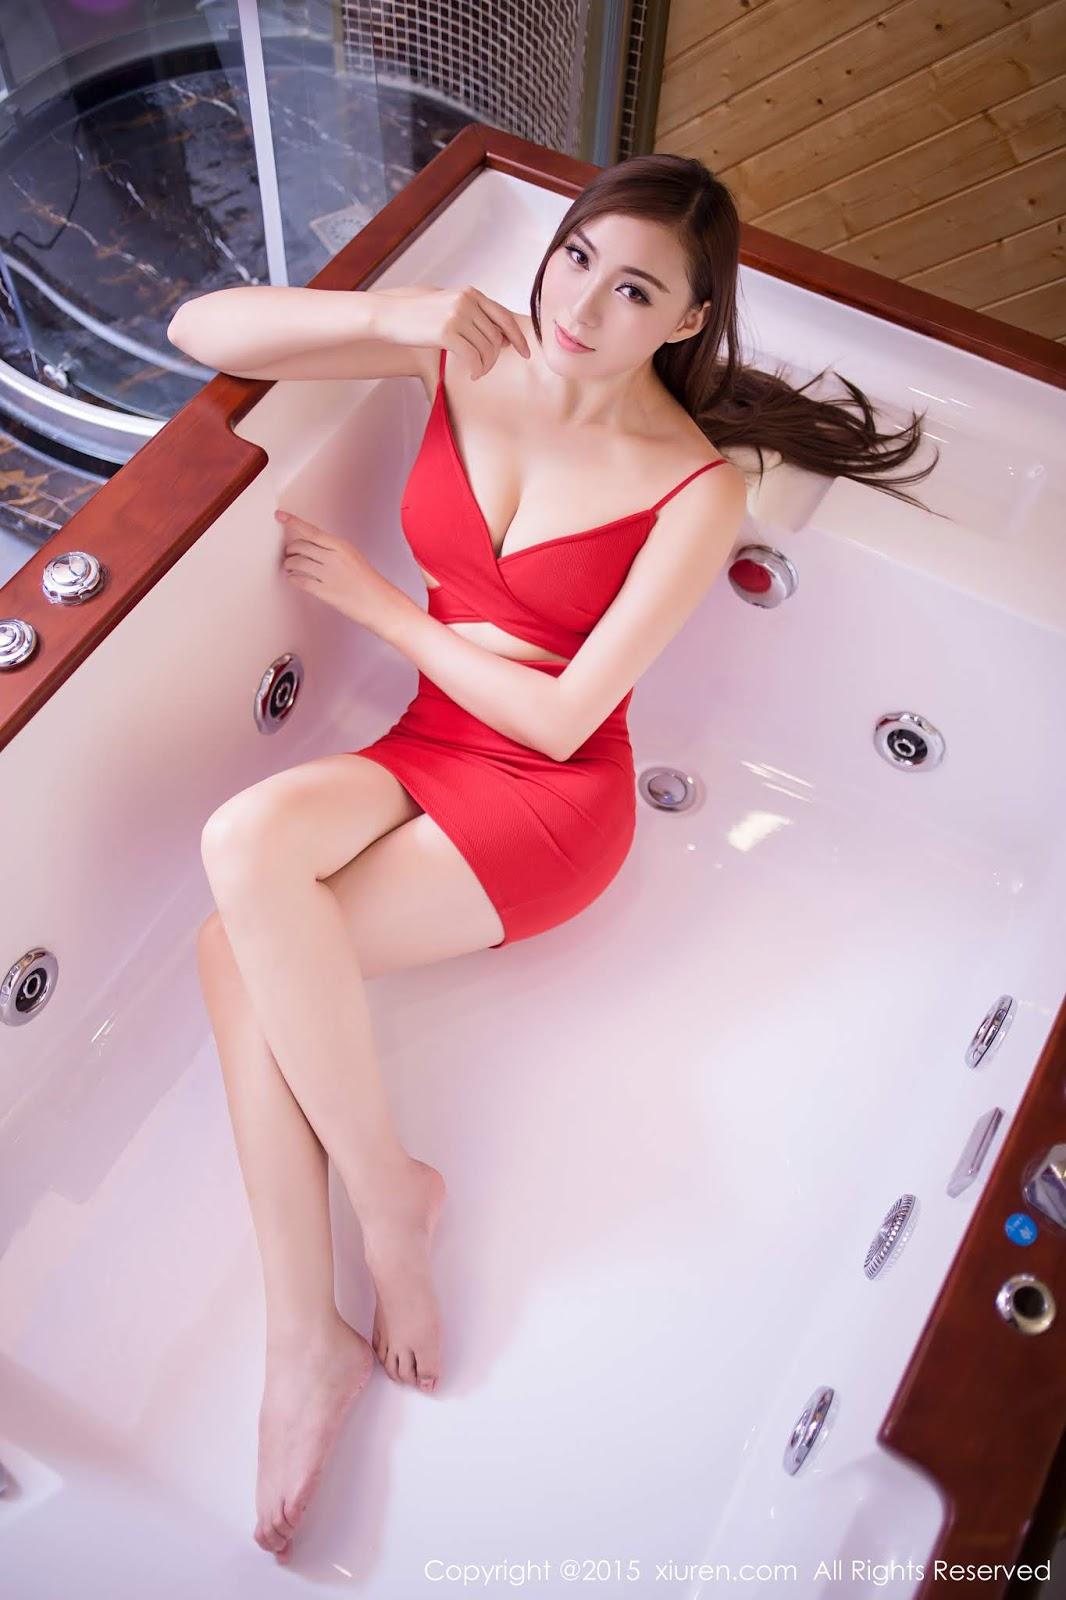 氣質女神 伍曉麗  火辣性感紅色洋裝美得讓人目瞪口呆 - 貼圖 - 清涼寫真 -